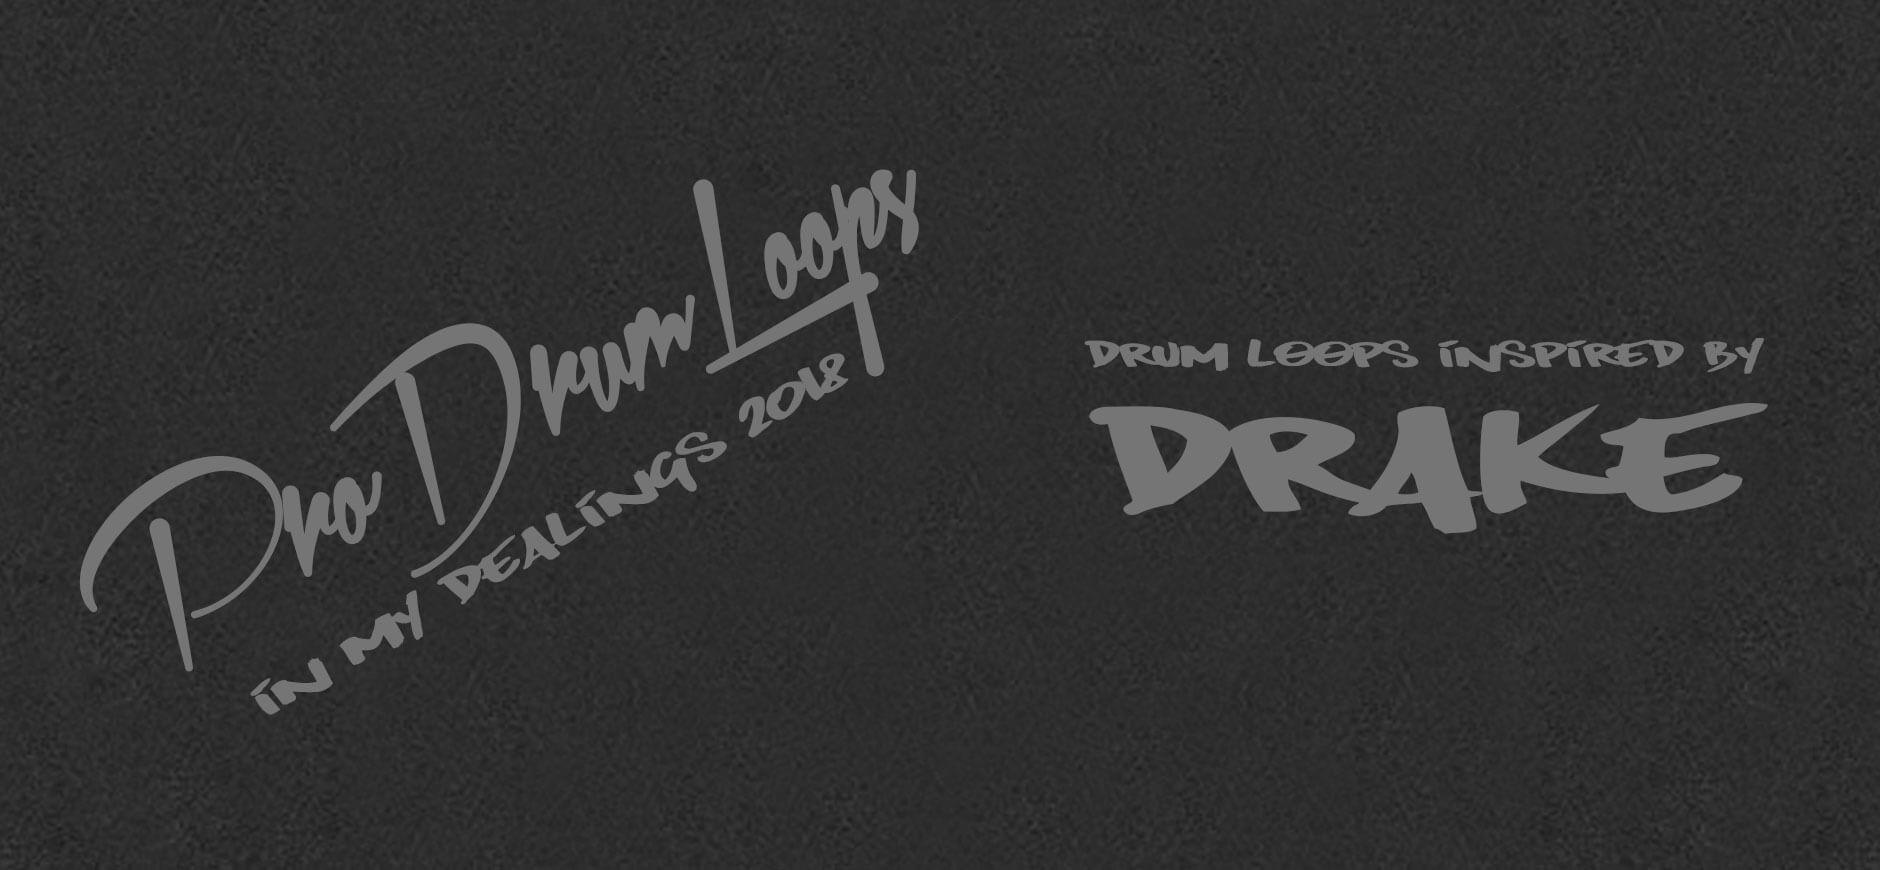 In My Feelings Drum Loops Kit Inspired by Drake